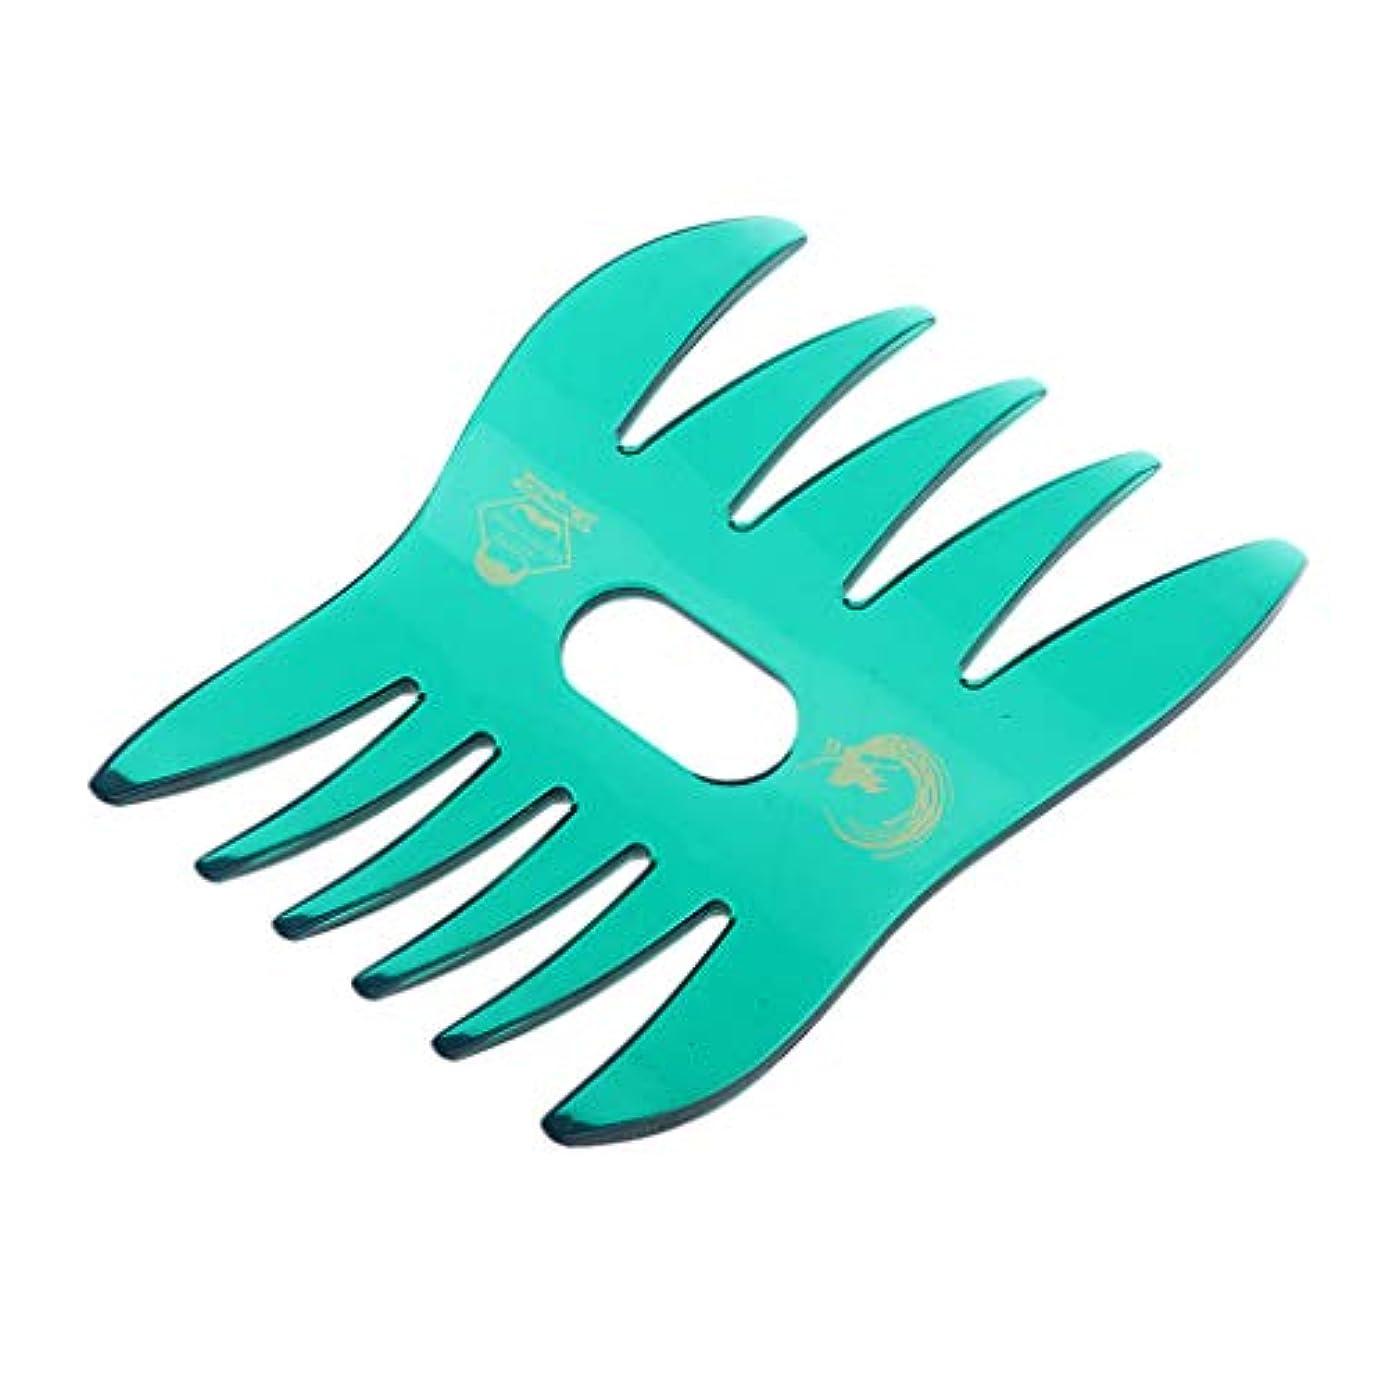 暗唱するはっきりと暗唱するSharplace ヘアコーム デュアルサイド 櫛 くし サロン ヘアスタイル 4色選べ - 緑